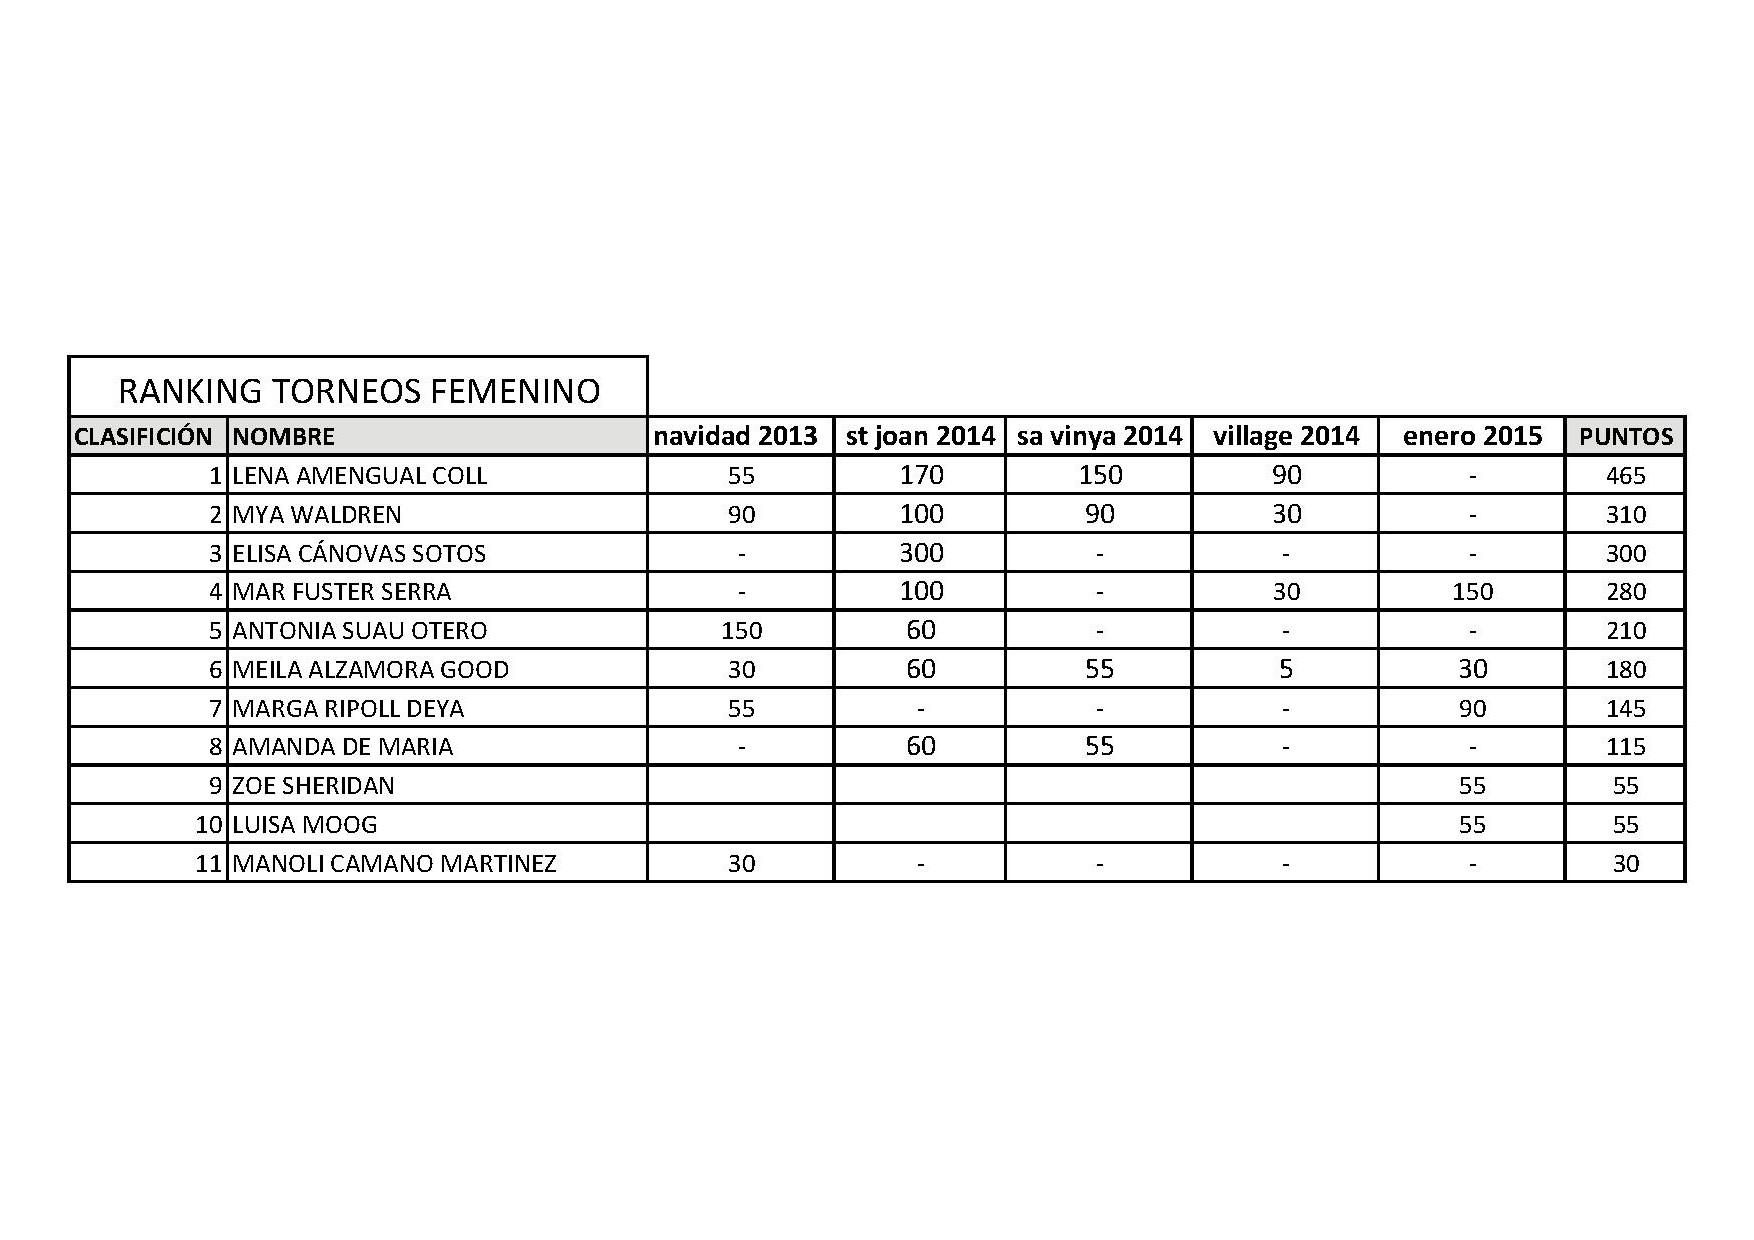 RANKING TORNEO FEMENINO